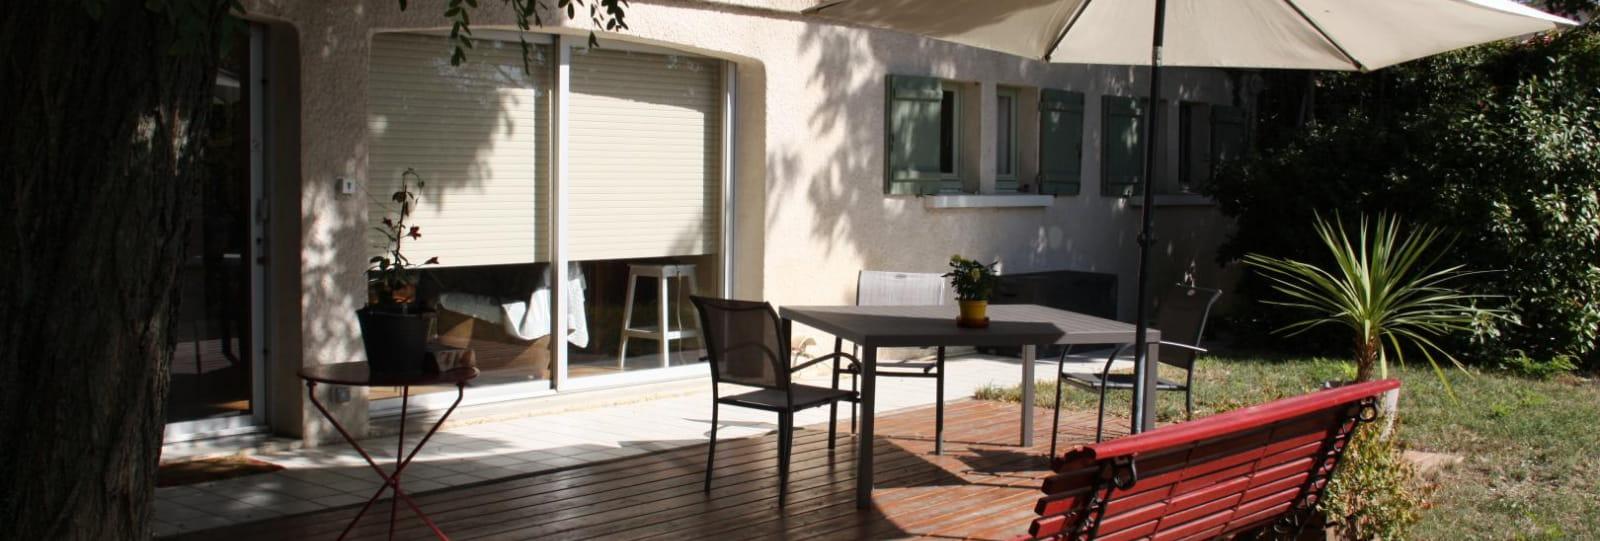 Terrasse bois ombragée